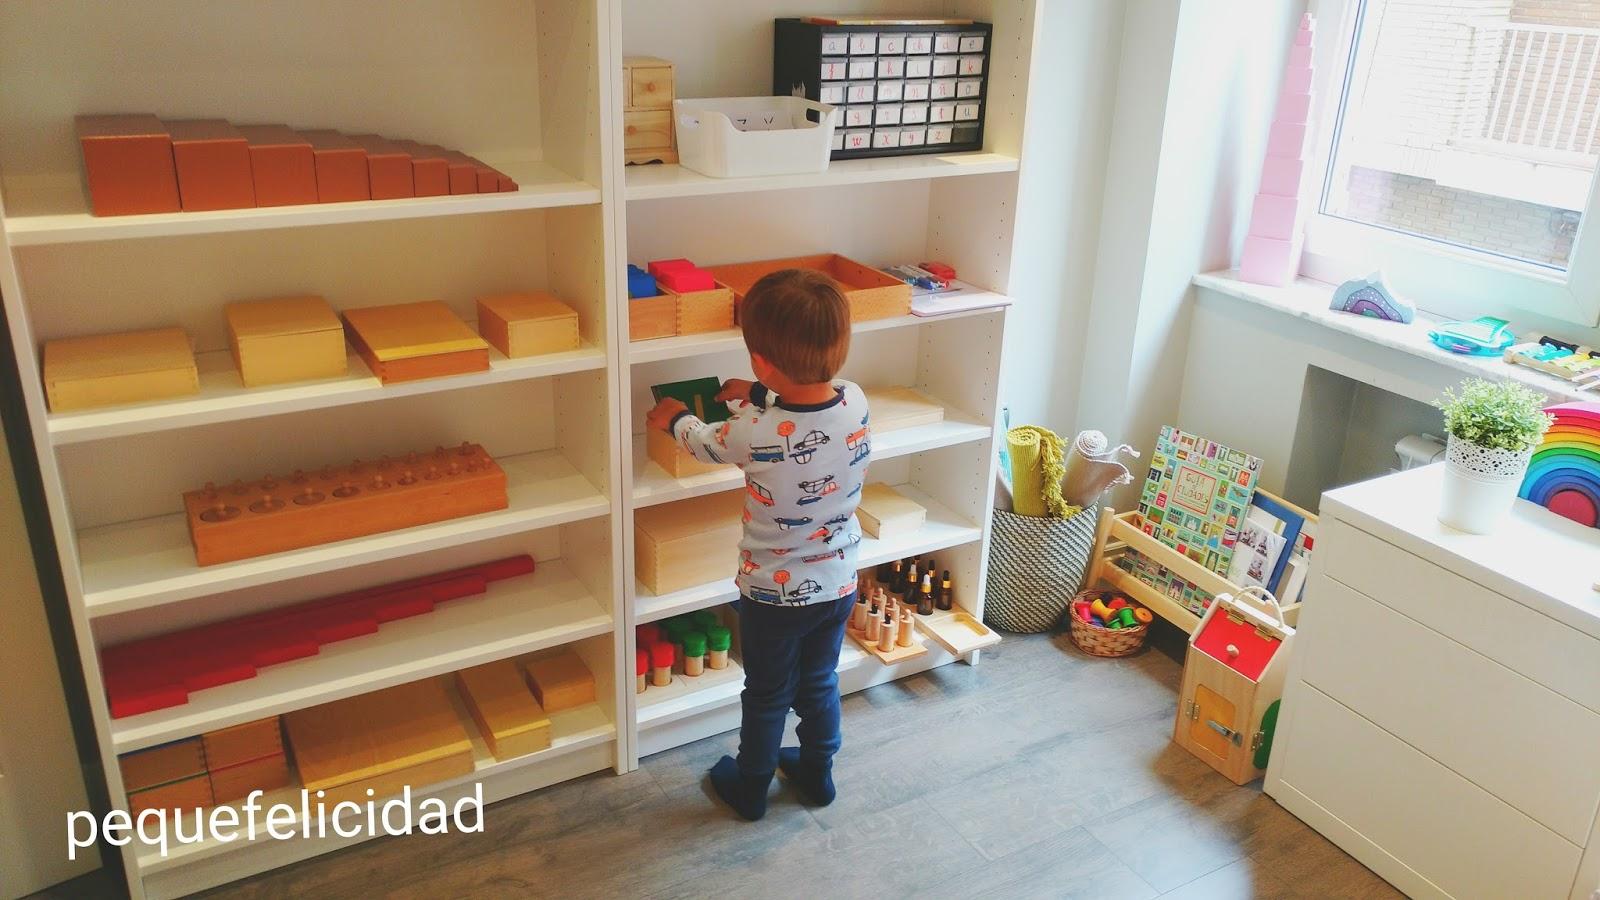 Pequefelicidad nuestras estanter as montessori - Estanterias para bebes ...